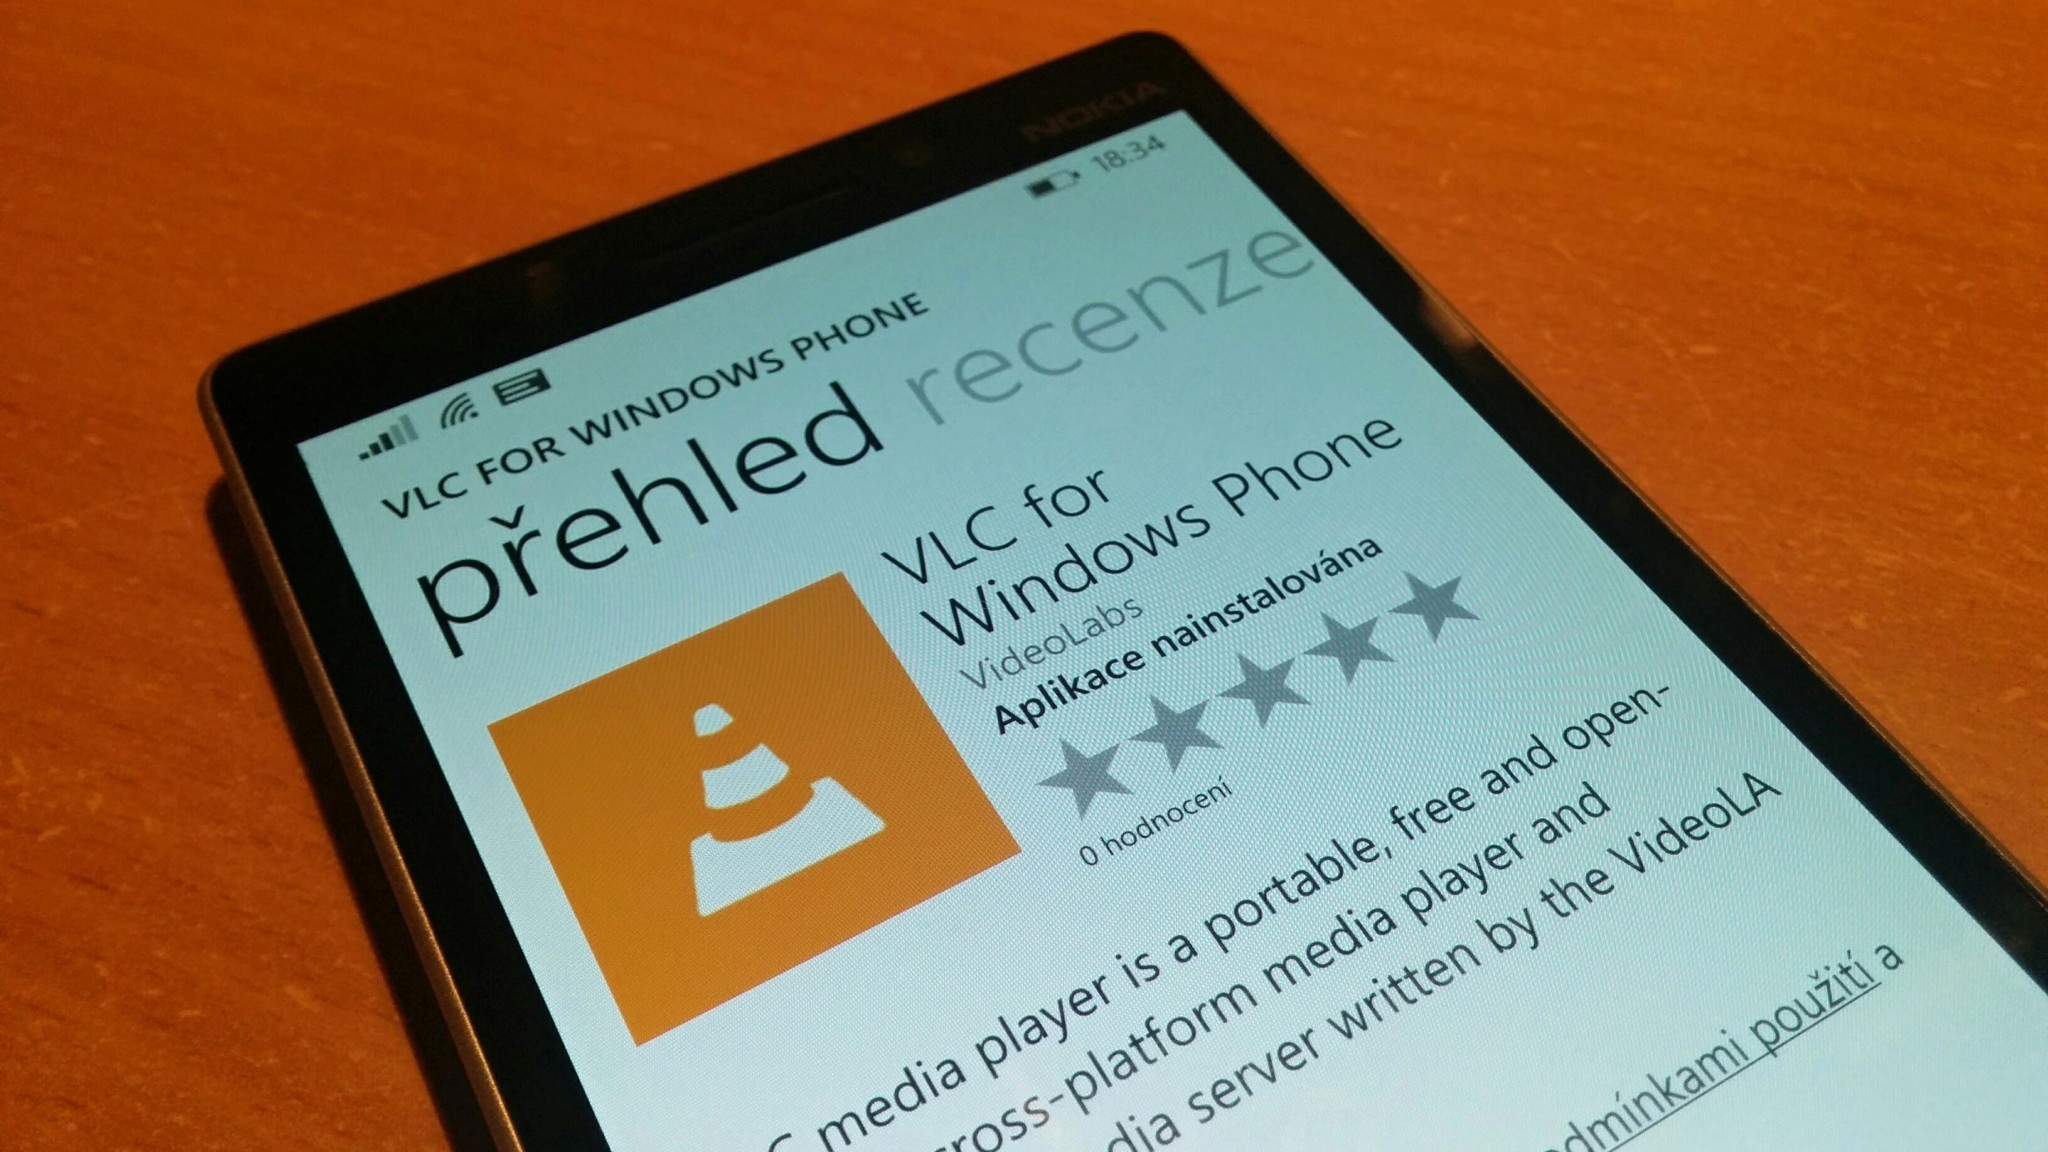 Přehrávač VLC pro Windows Phone je konečně dostupný ke stažení